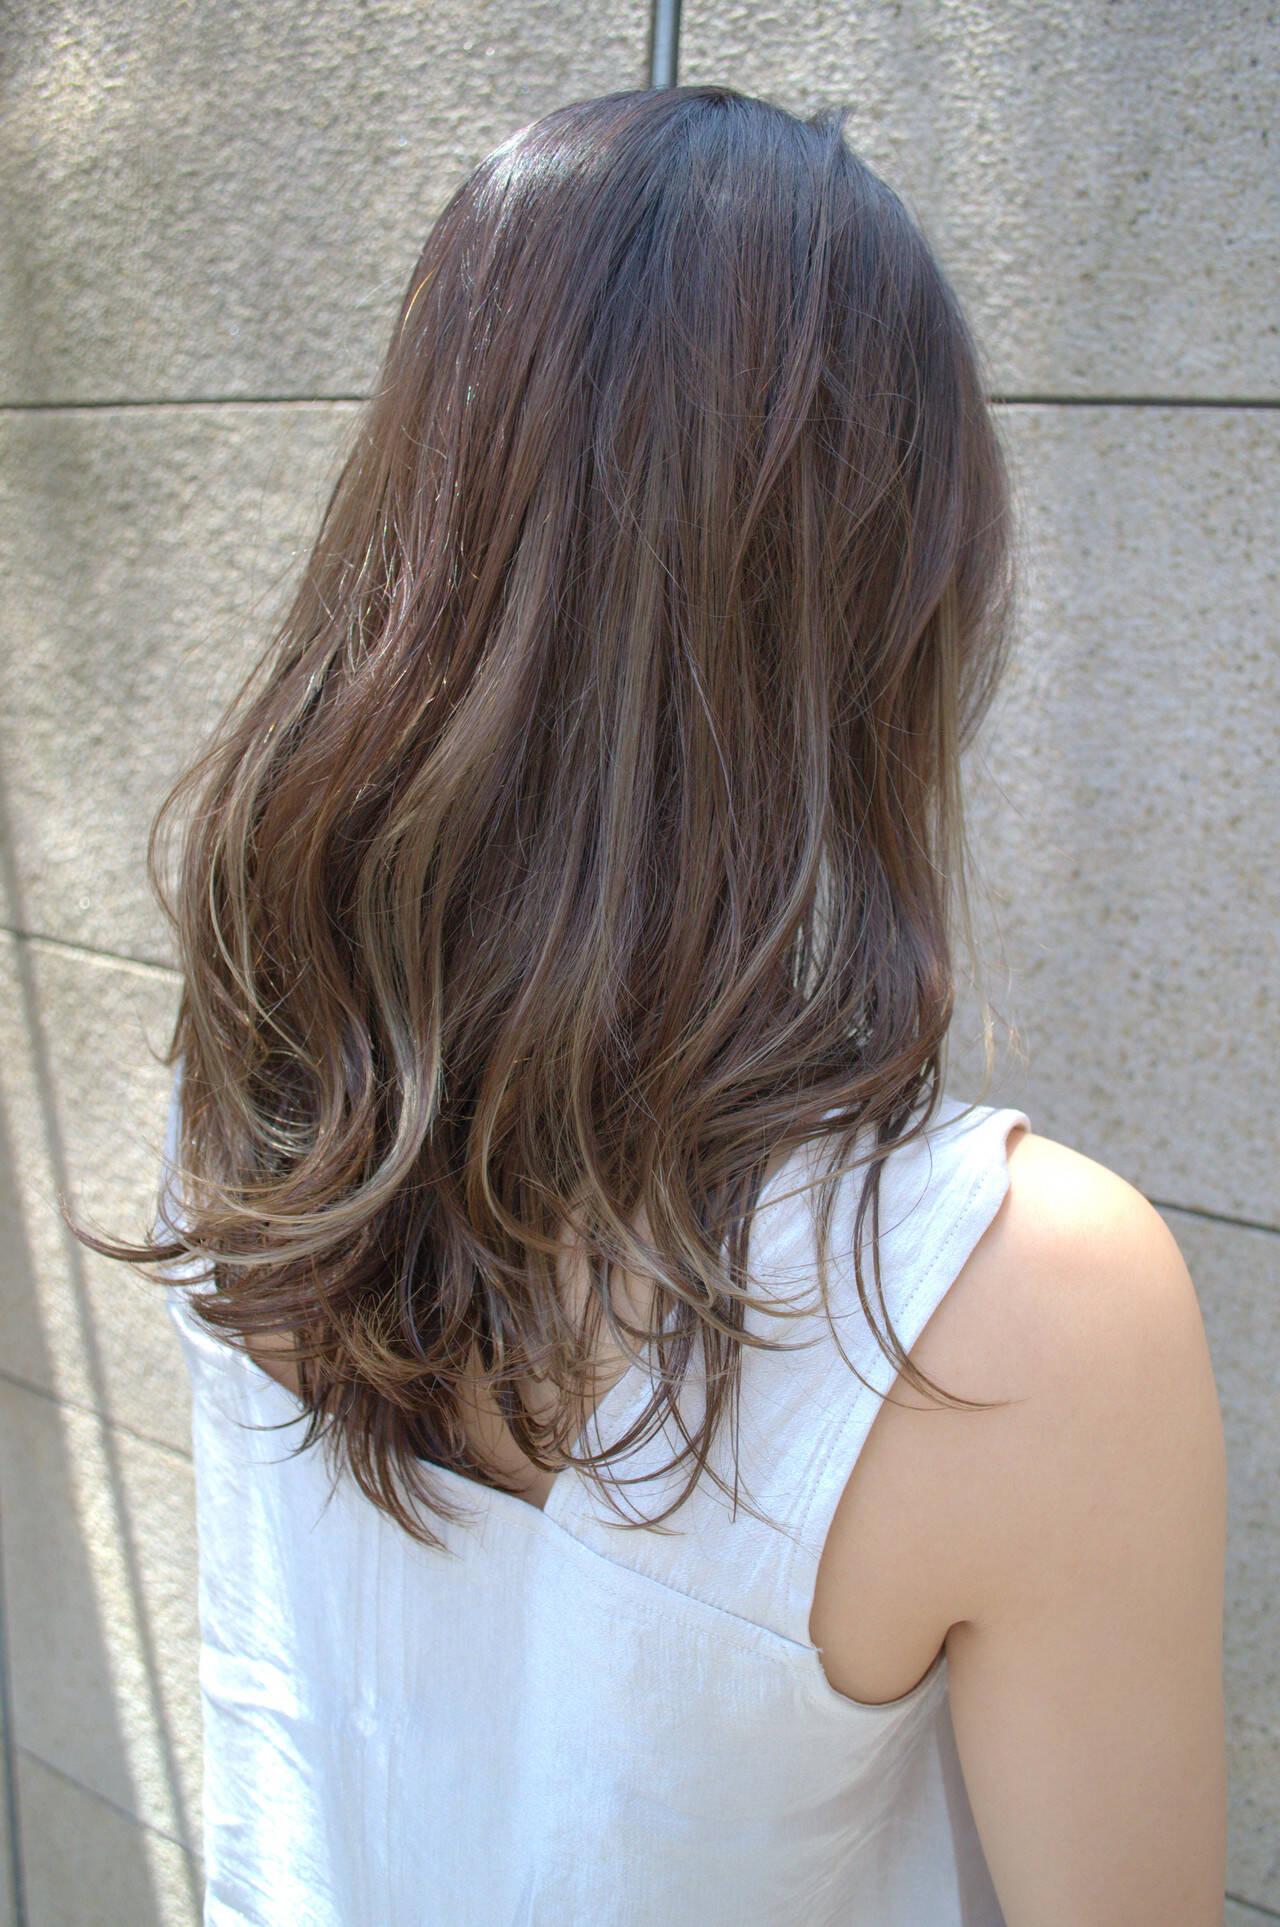 アッシュブラウン 極細ハイライト セミロング カーキアッシュヘアスタイルや髪型の写真・画像